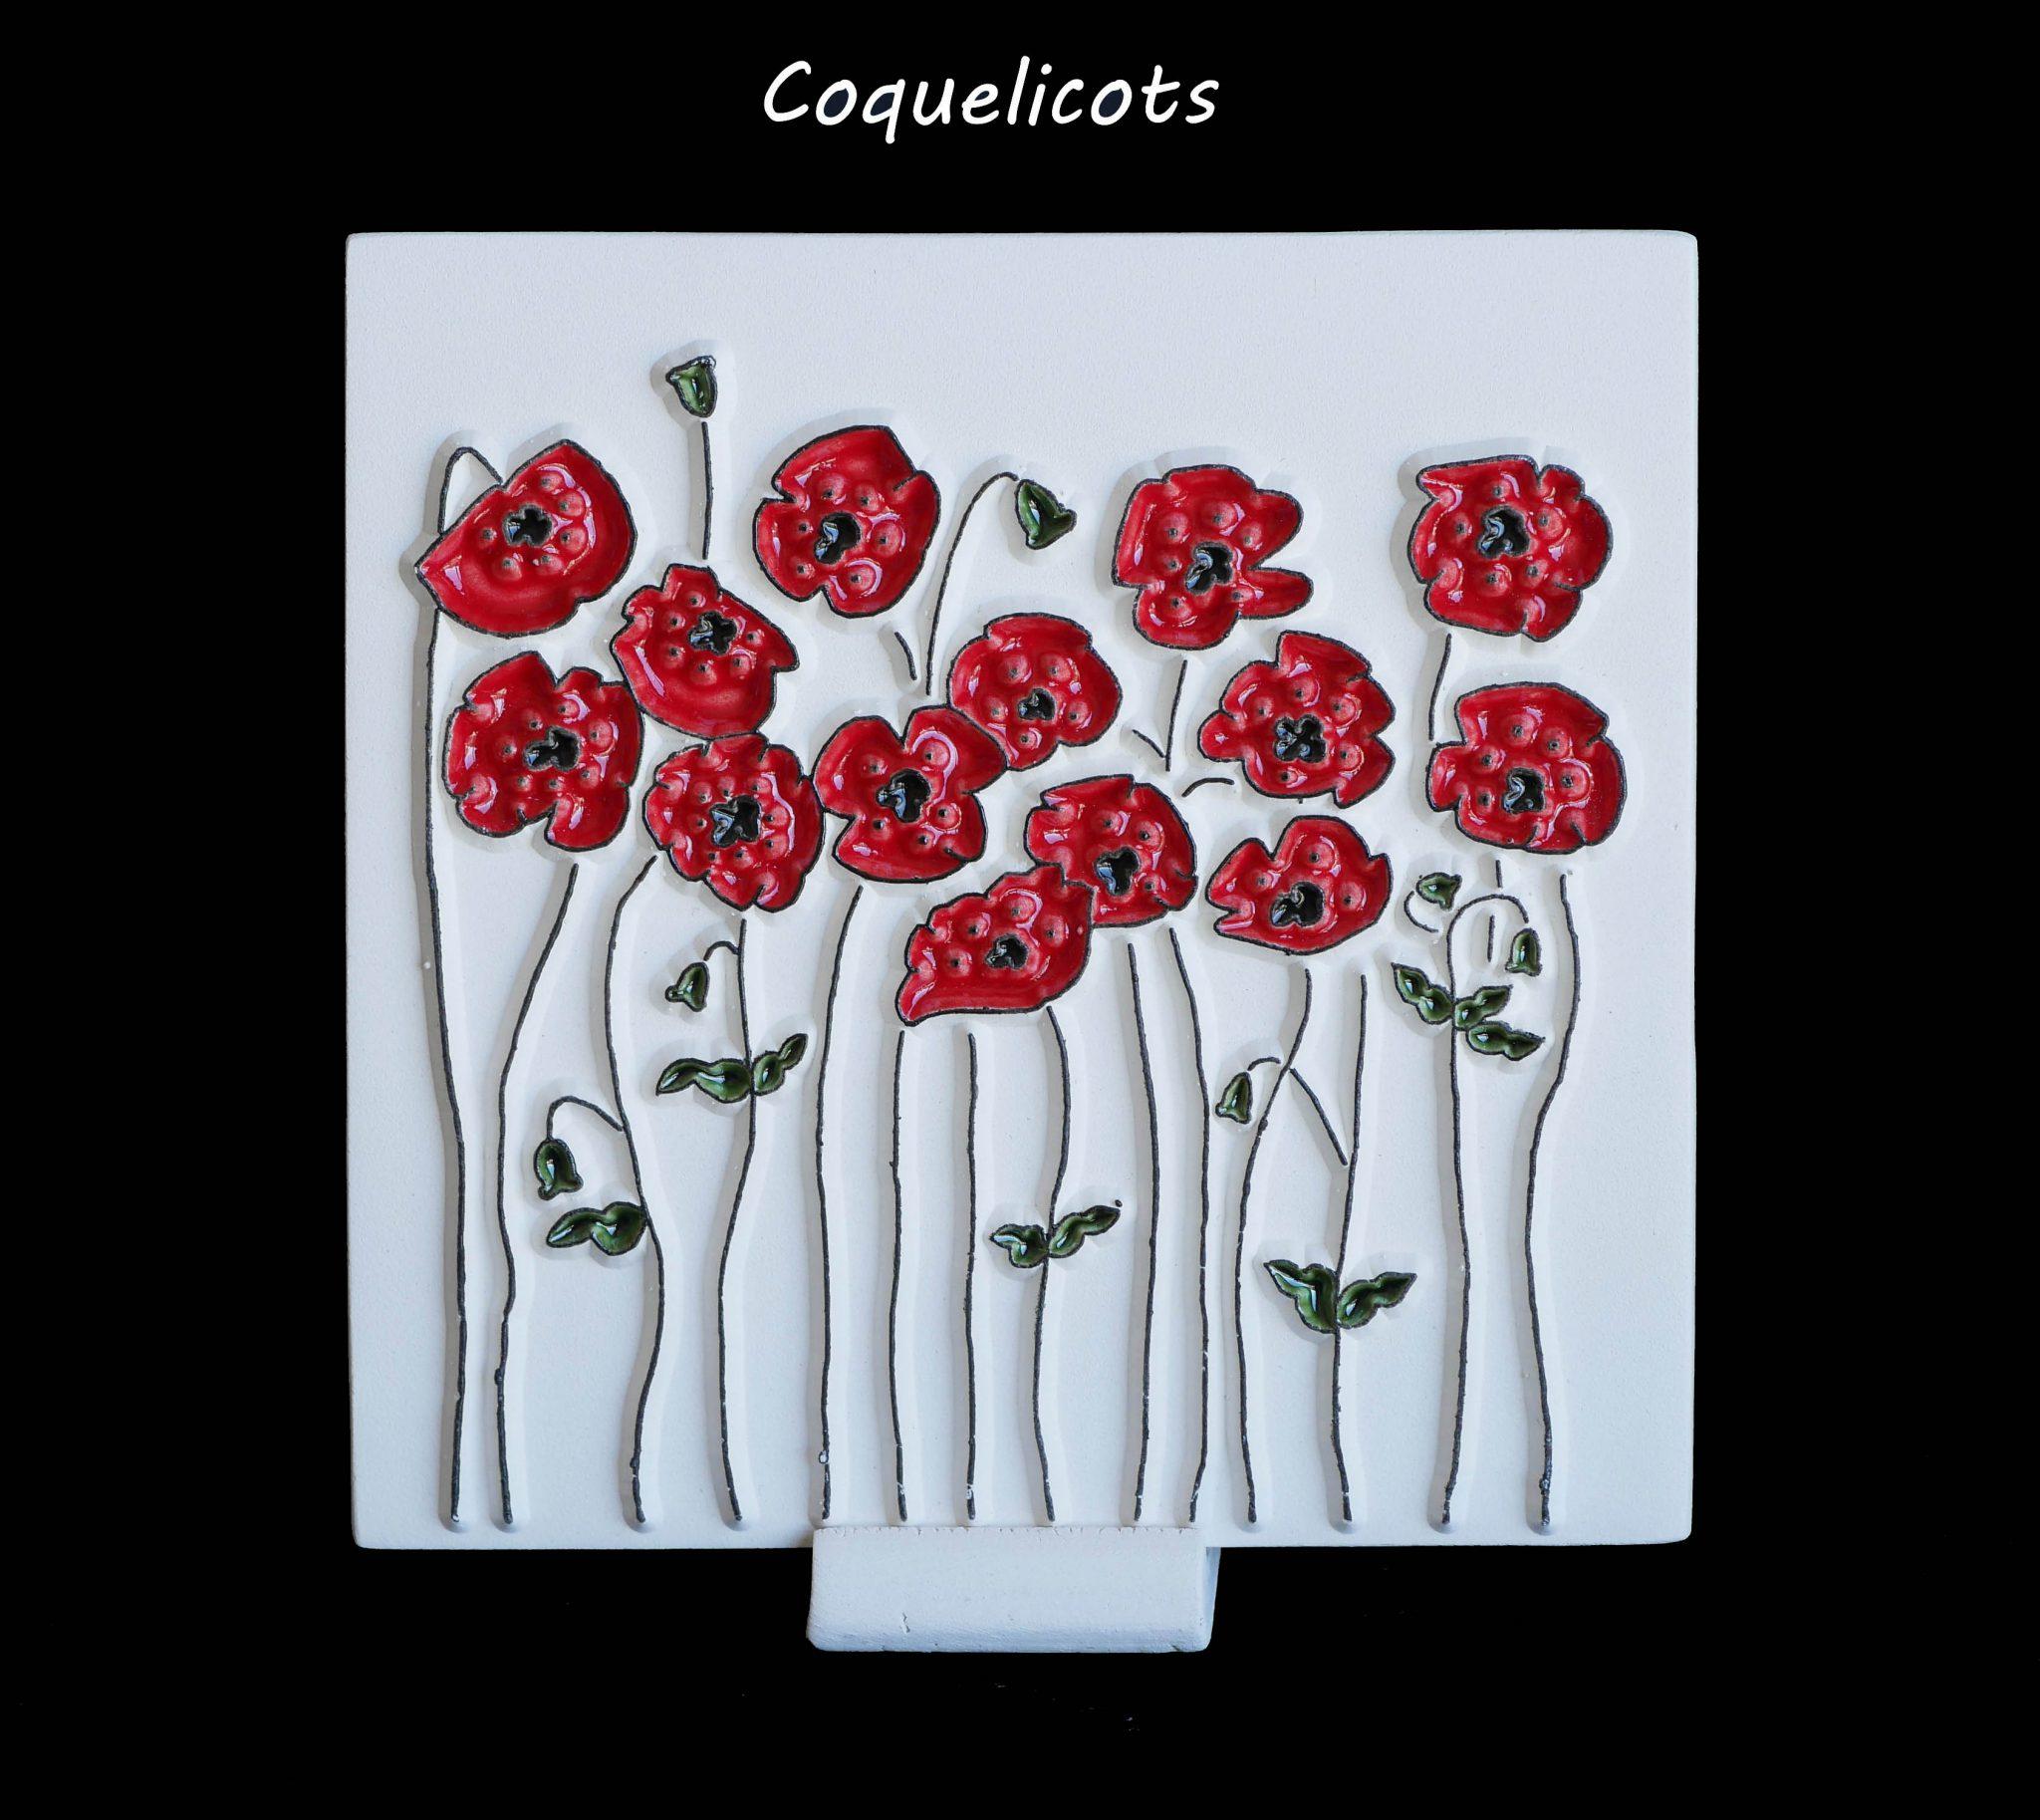 Coquelicots